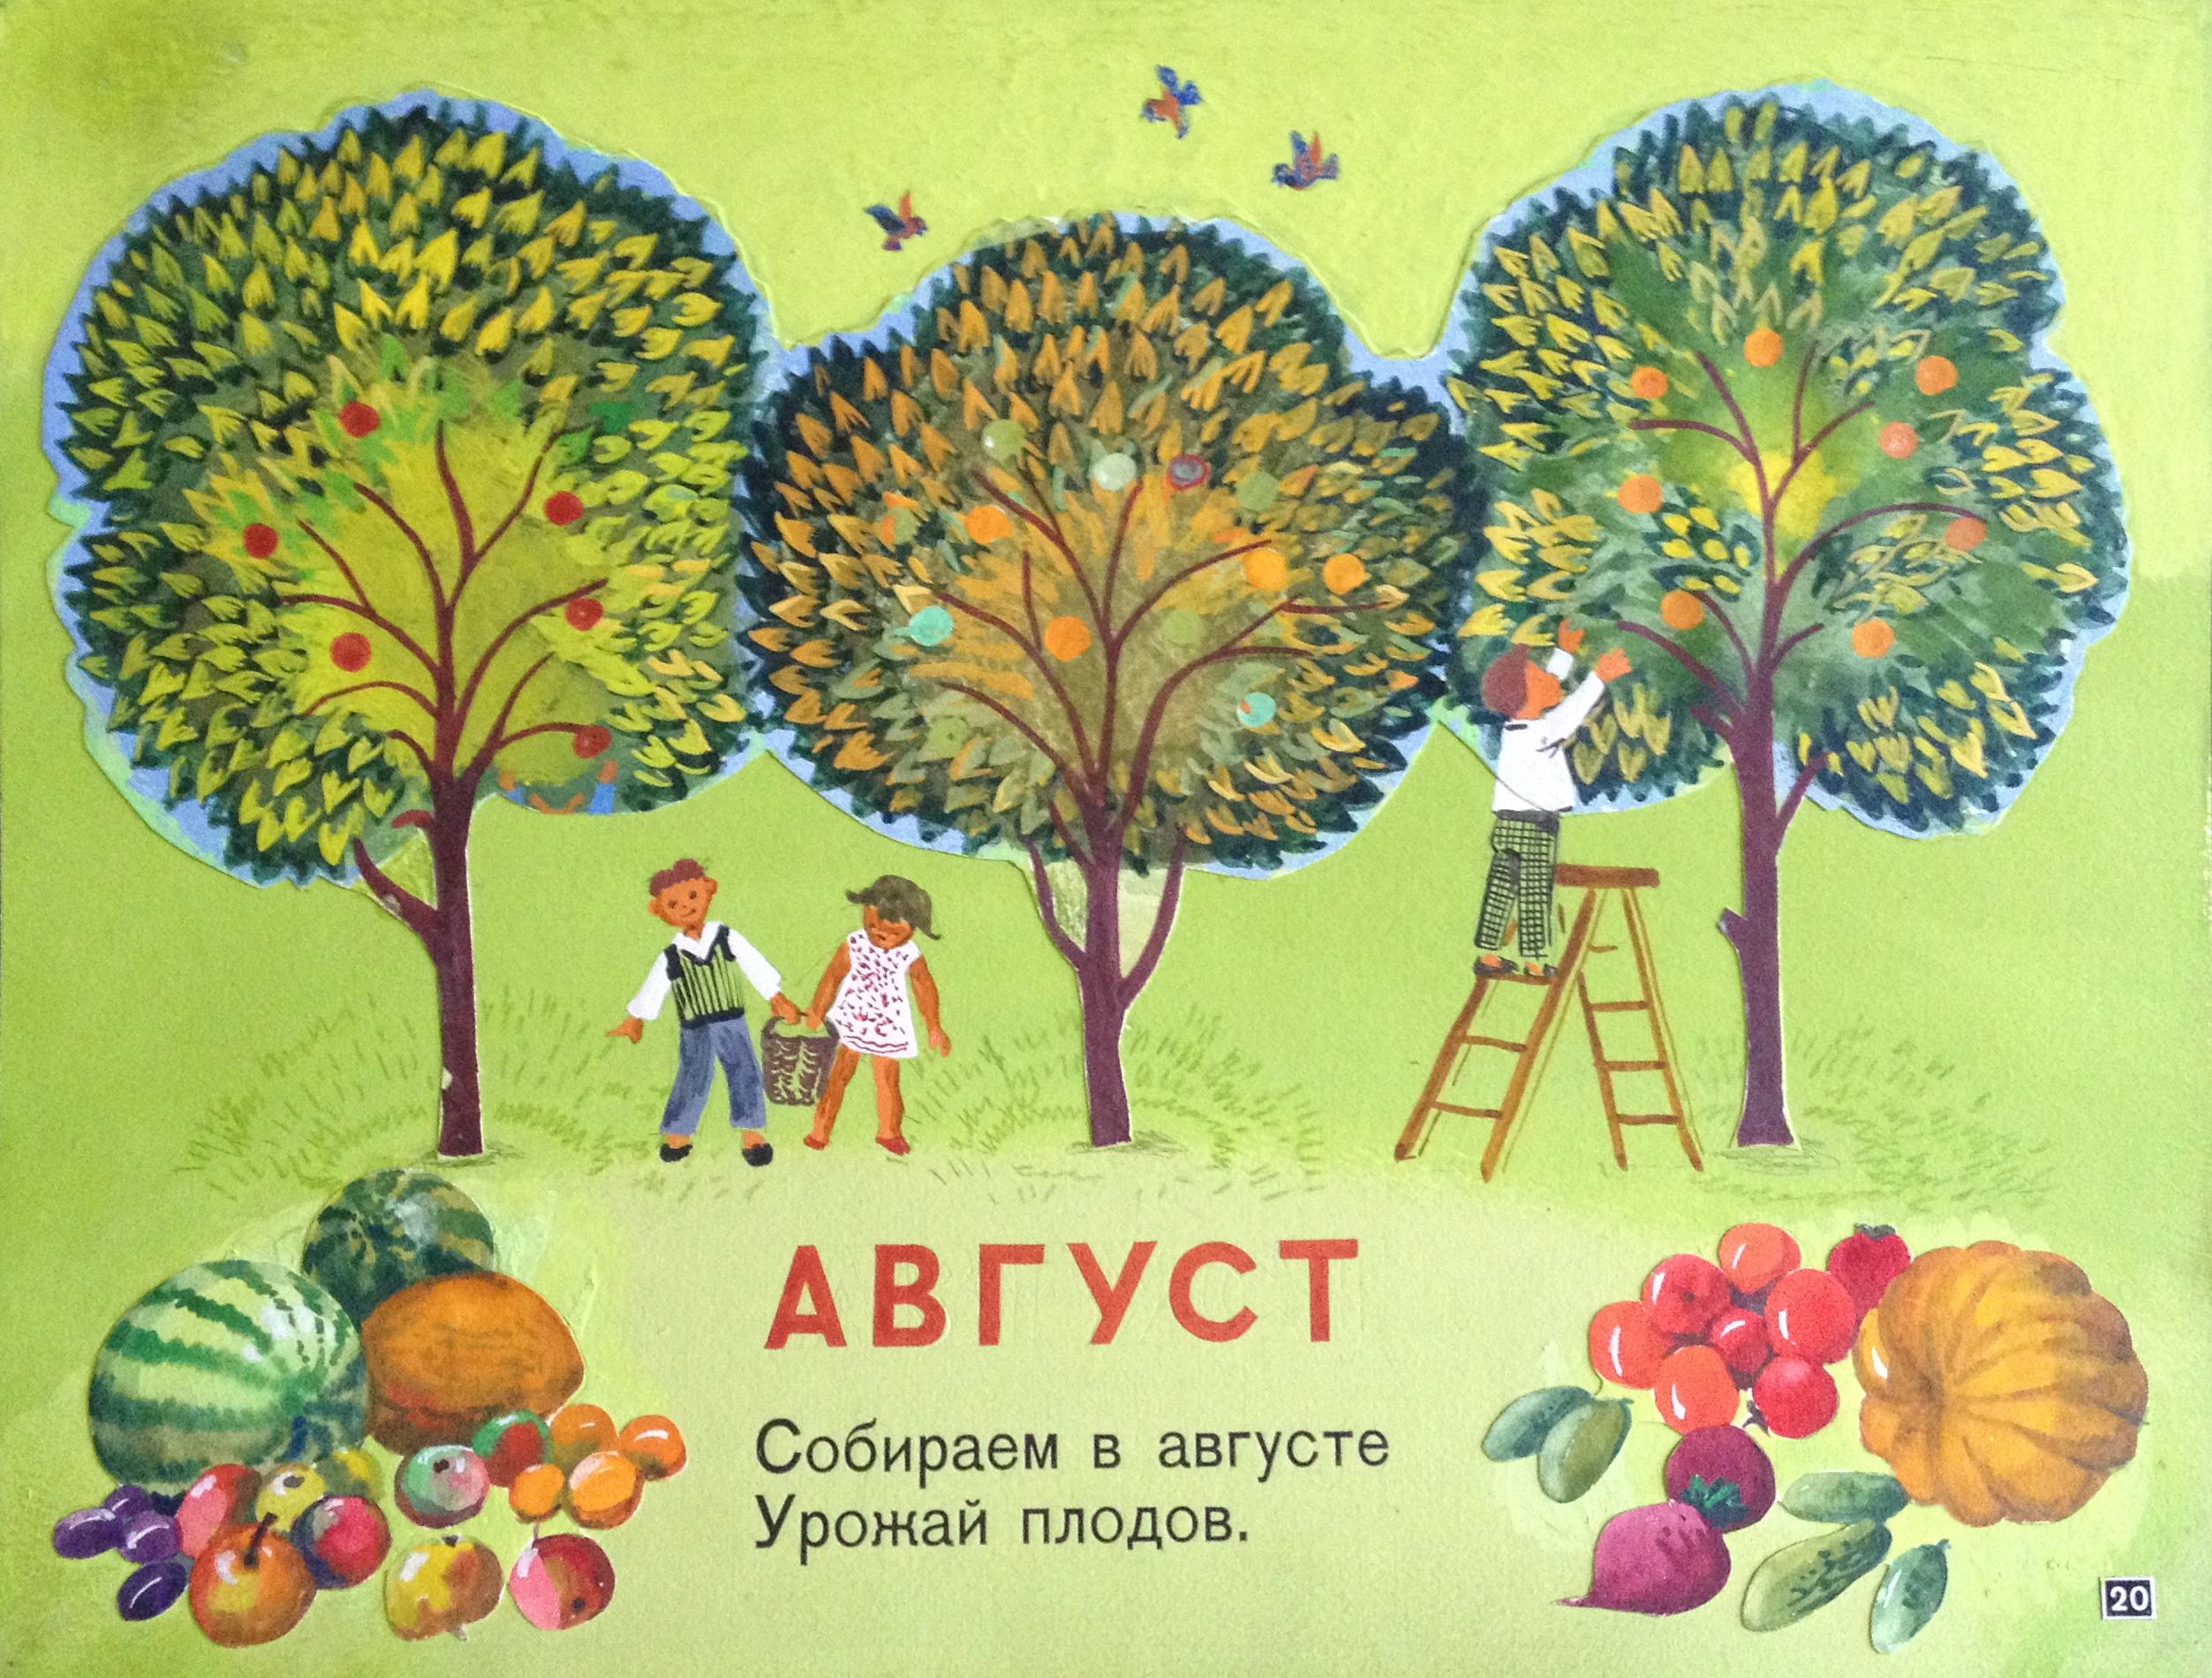 Зеброва Тамара Александровна. Август.